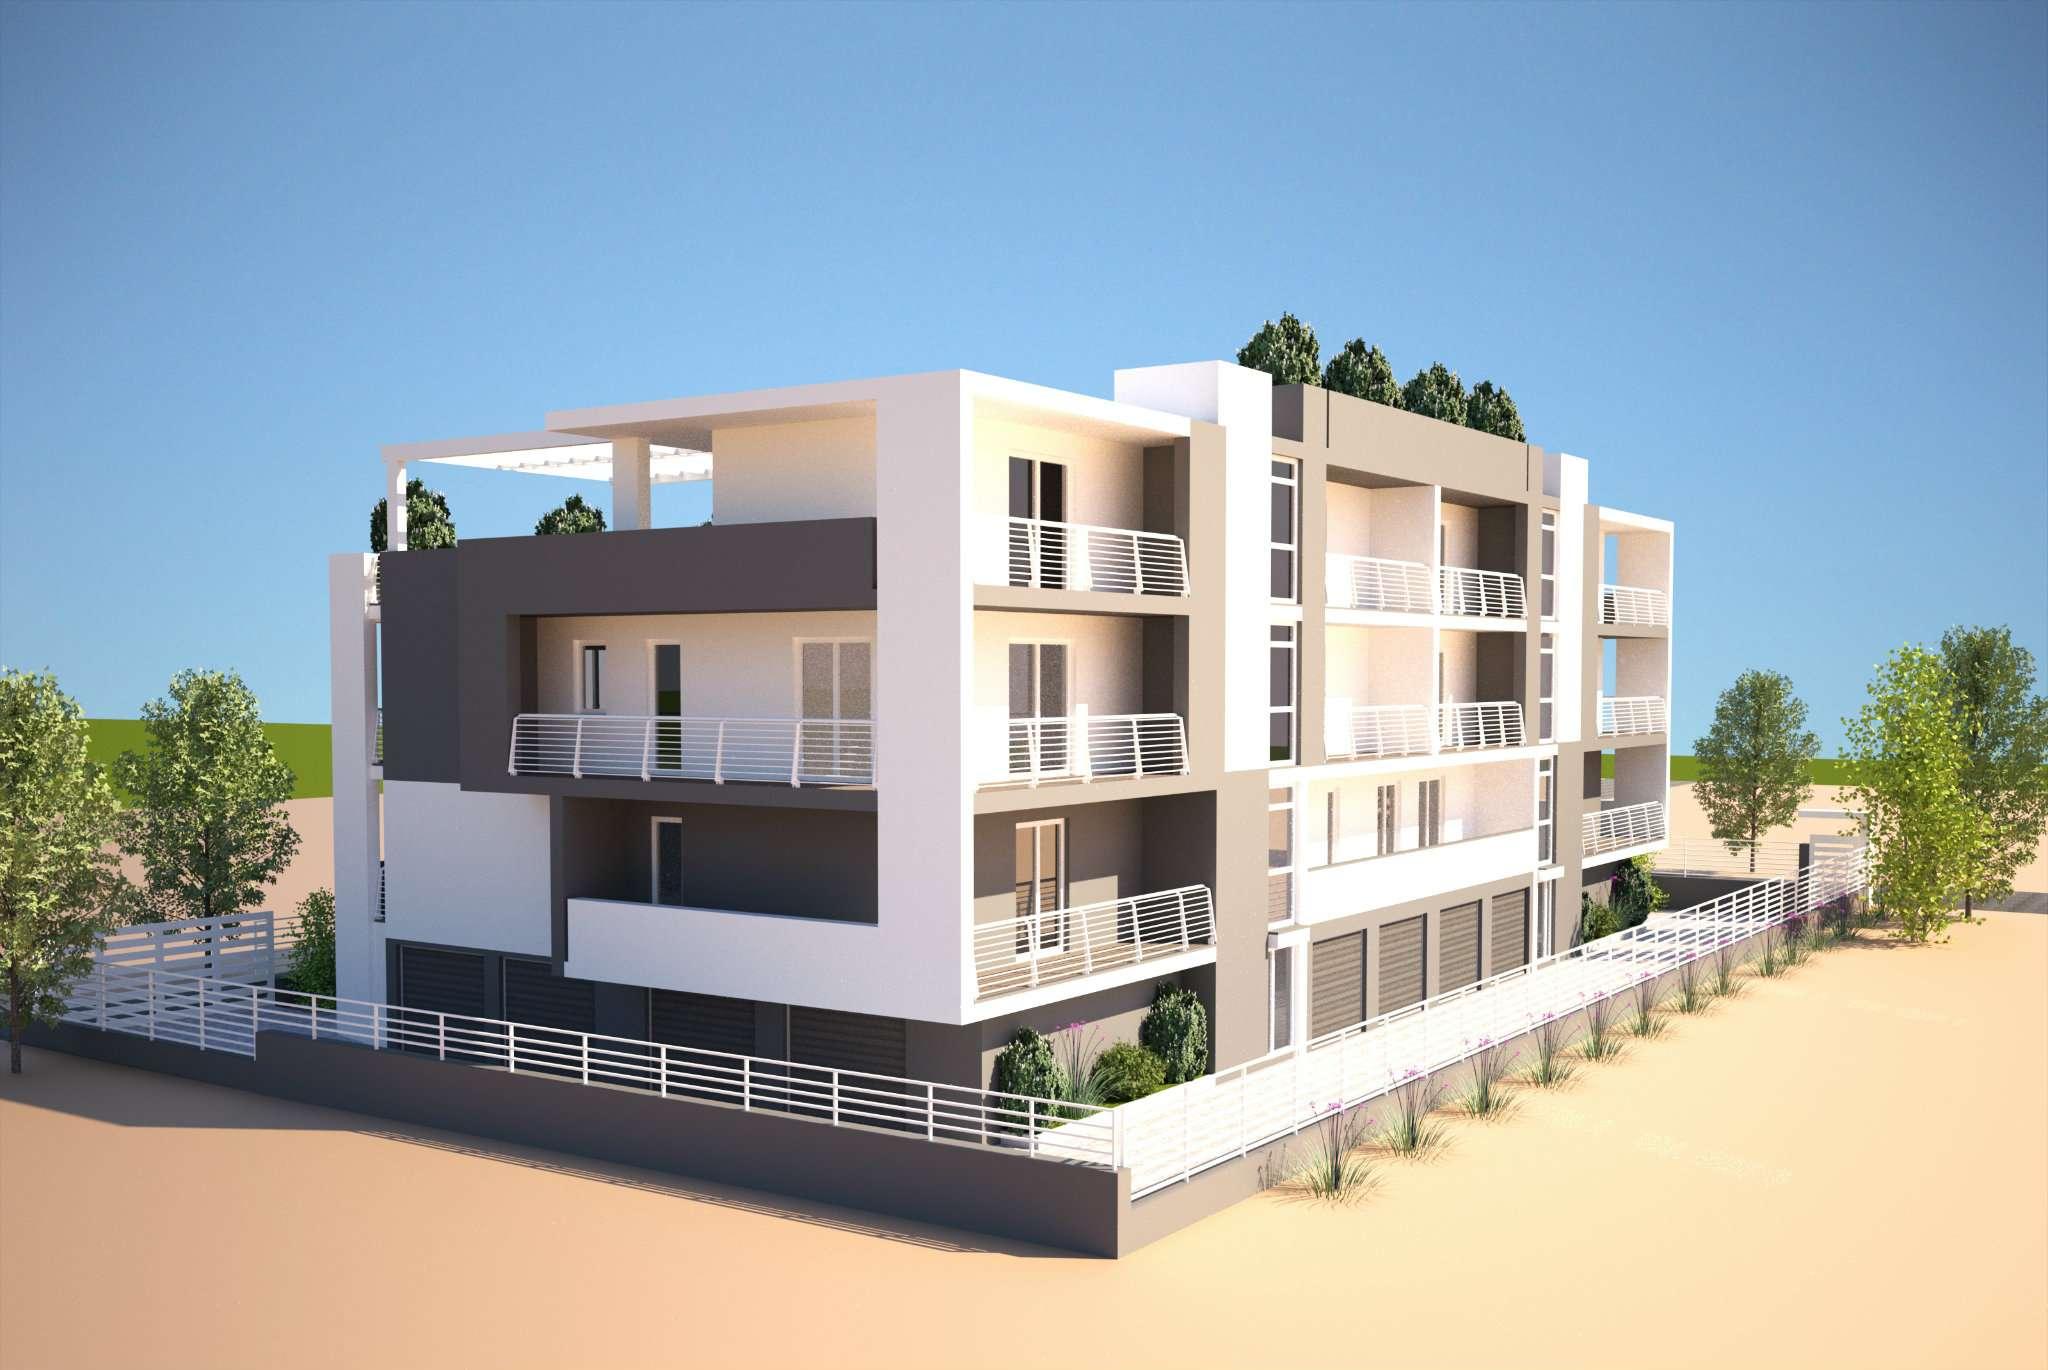 Cerco casa volla cerco a volla appartamento in vendita for Case in vendita volla